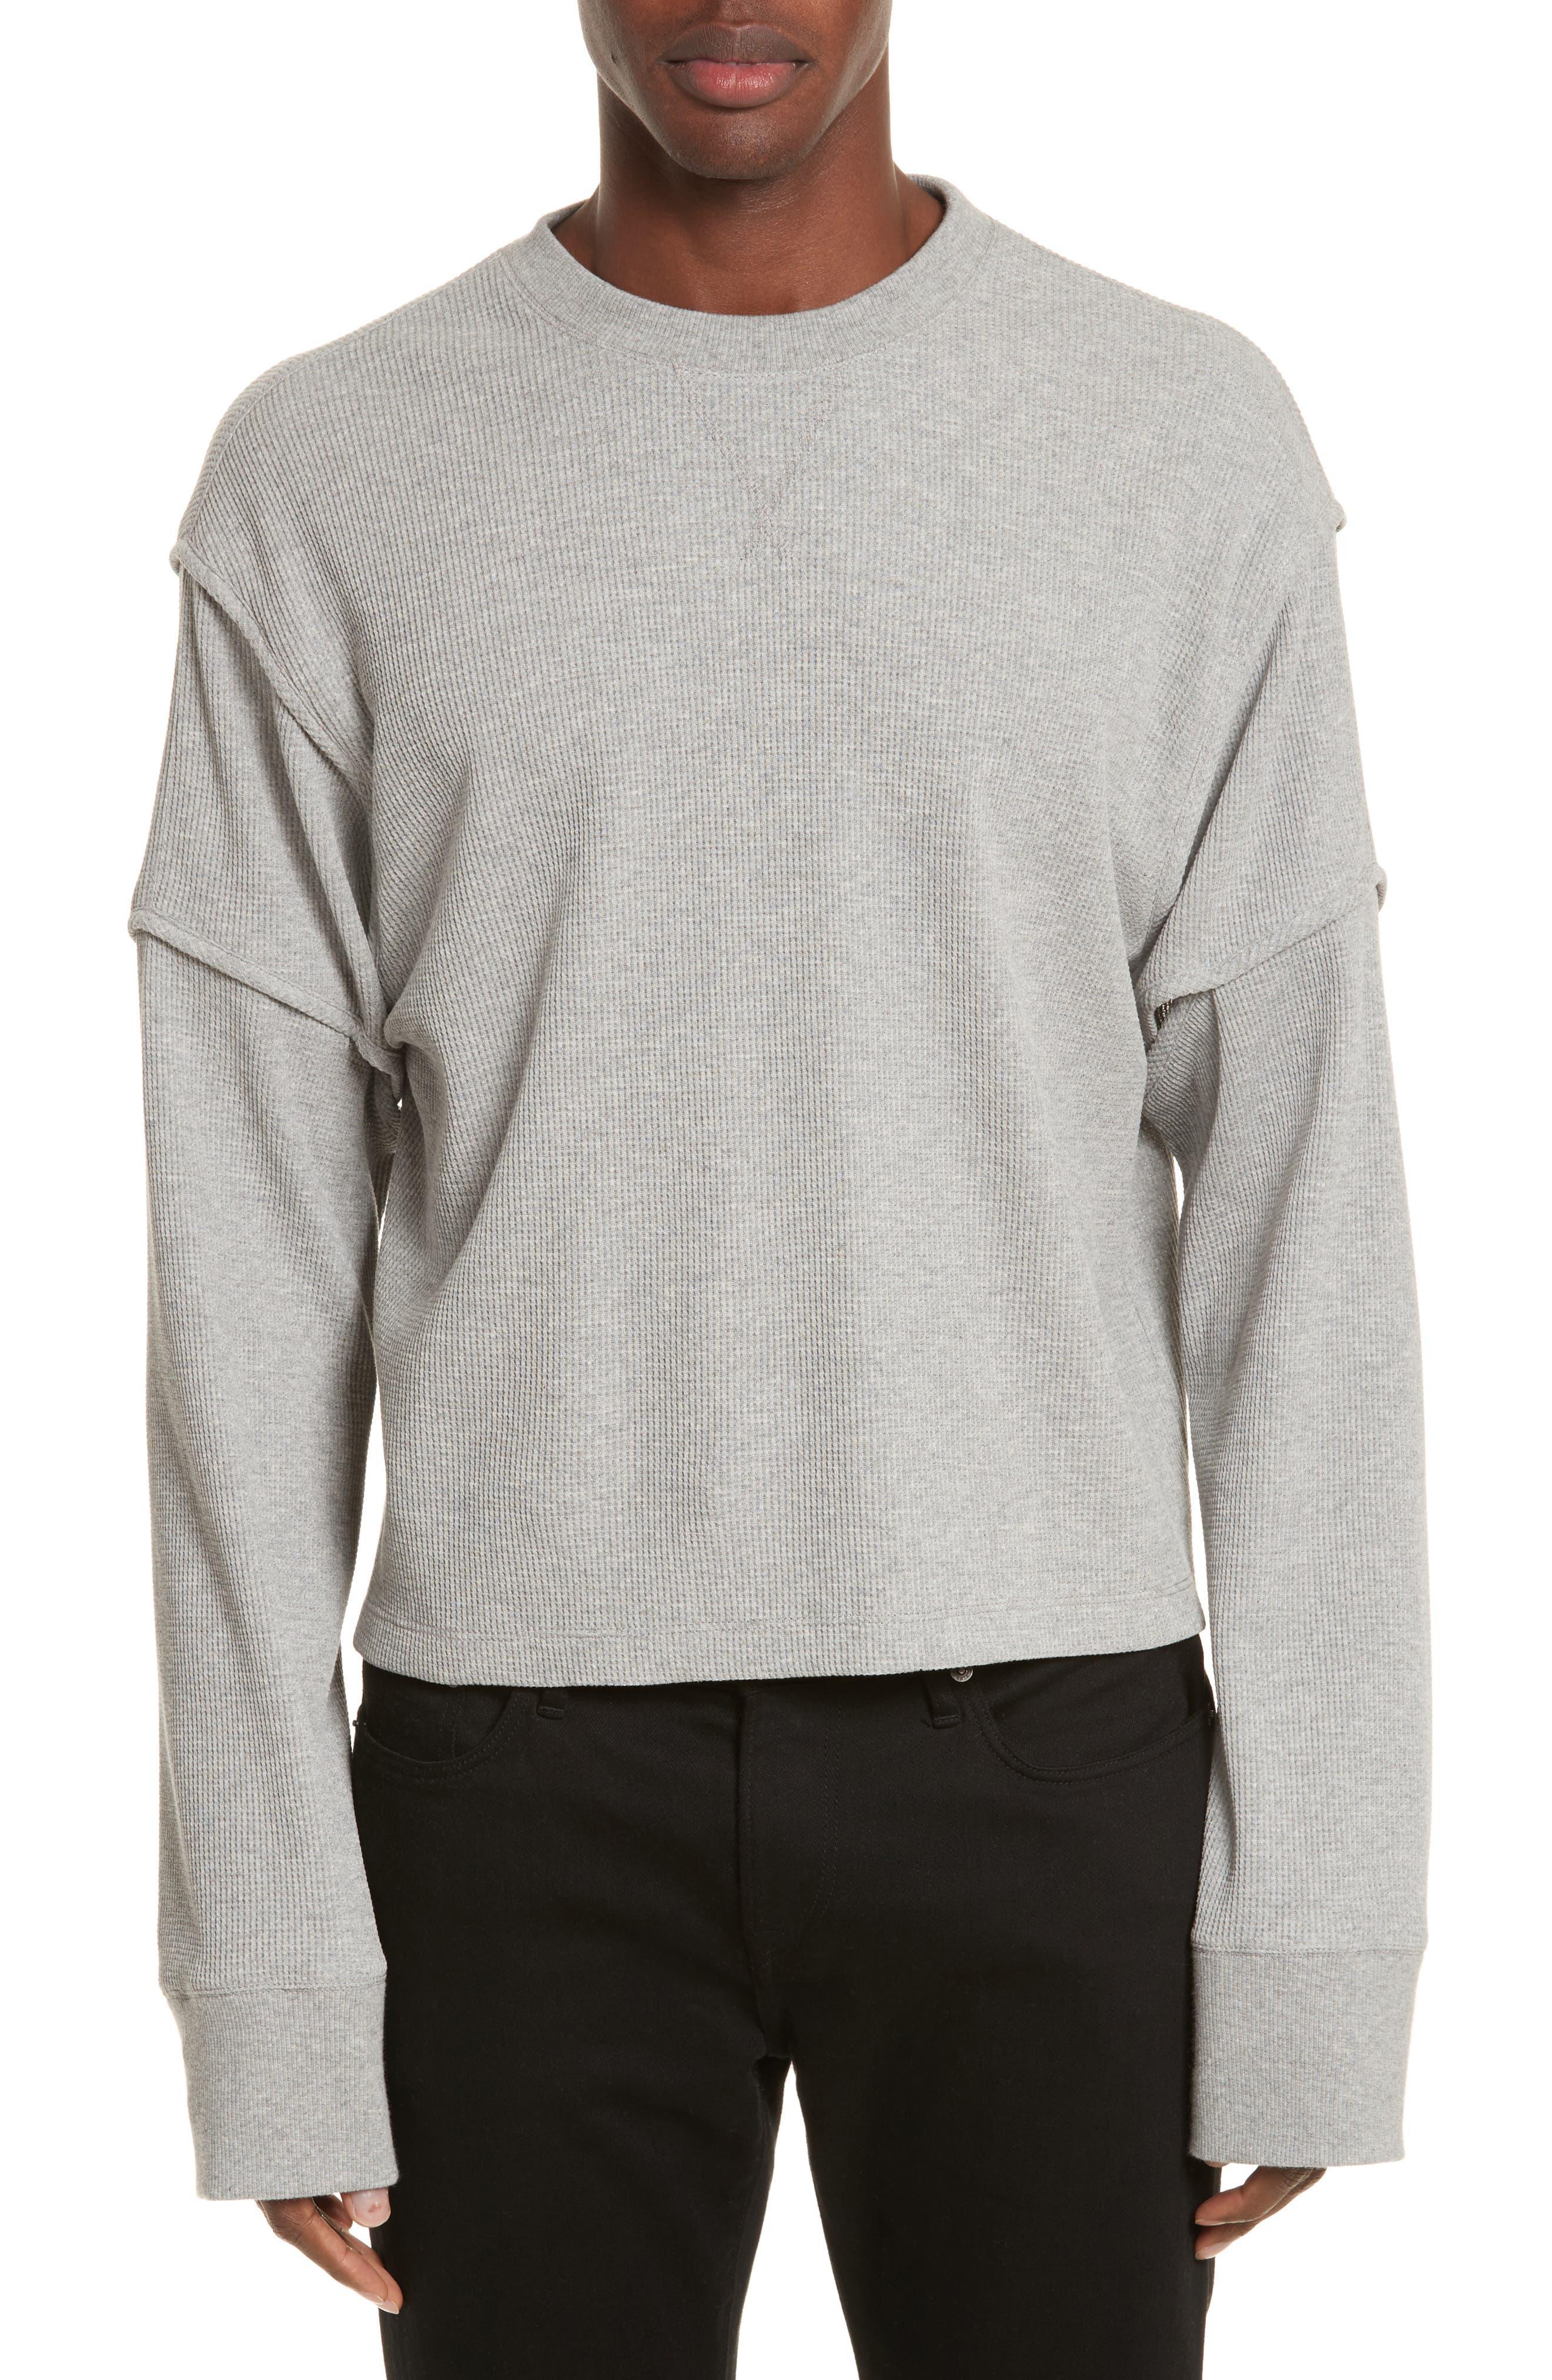 Military Panel Sleeve Thermal Shirt,                             Main thumbnail 1, color,                             Grey Melange